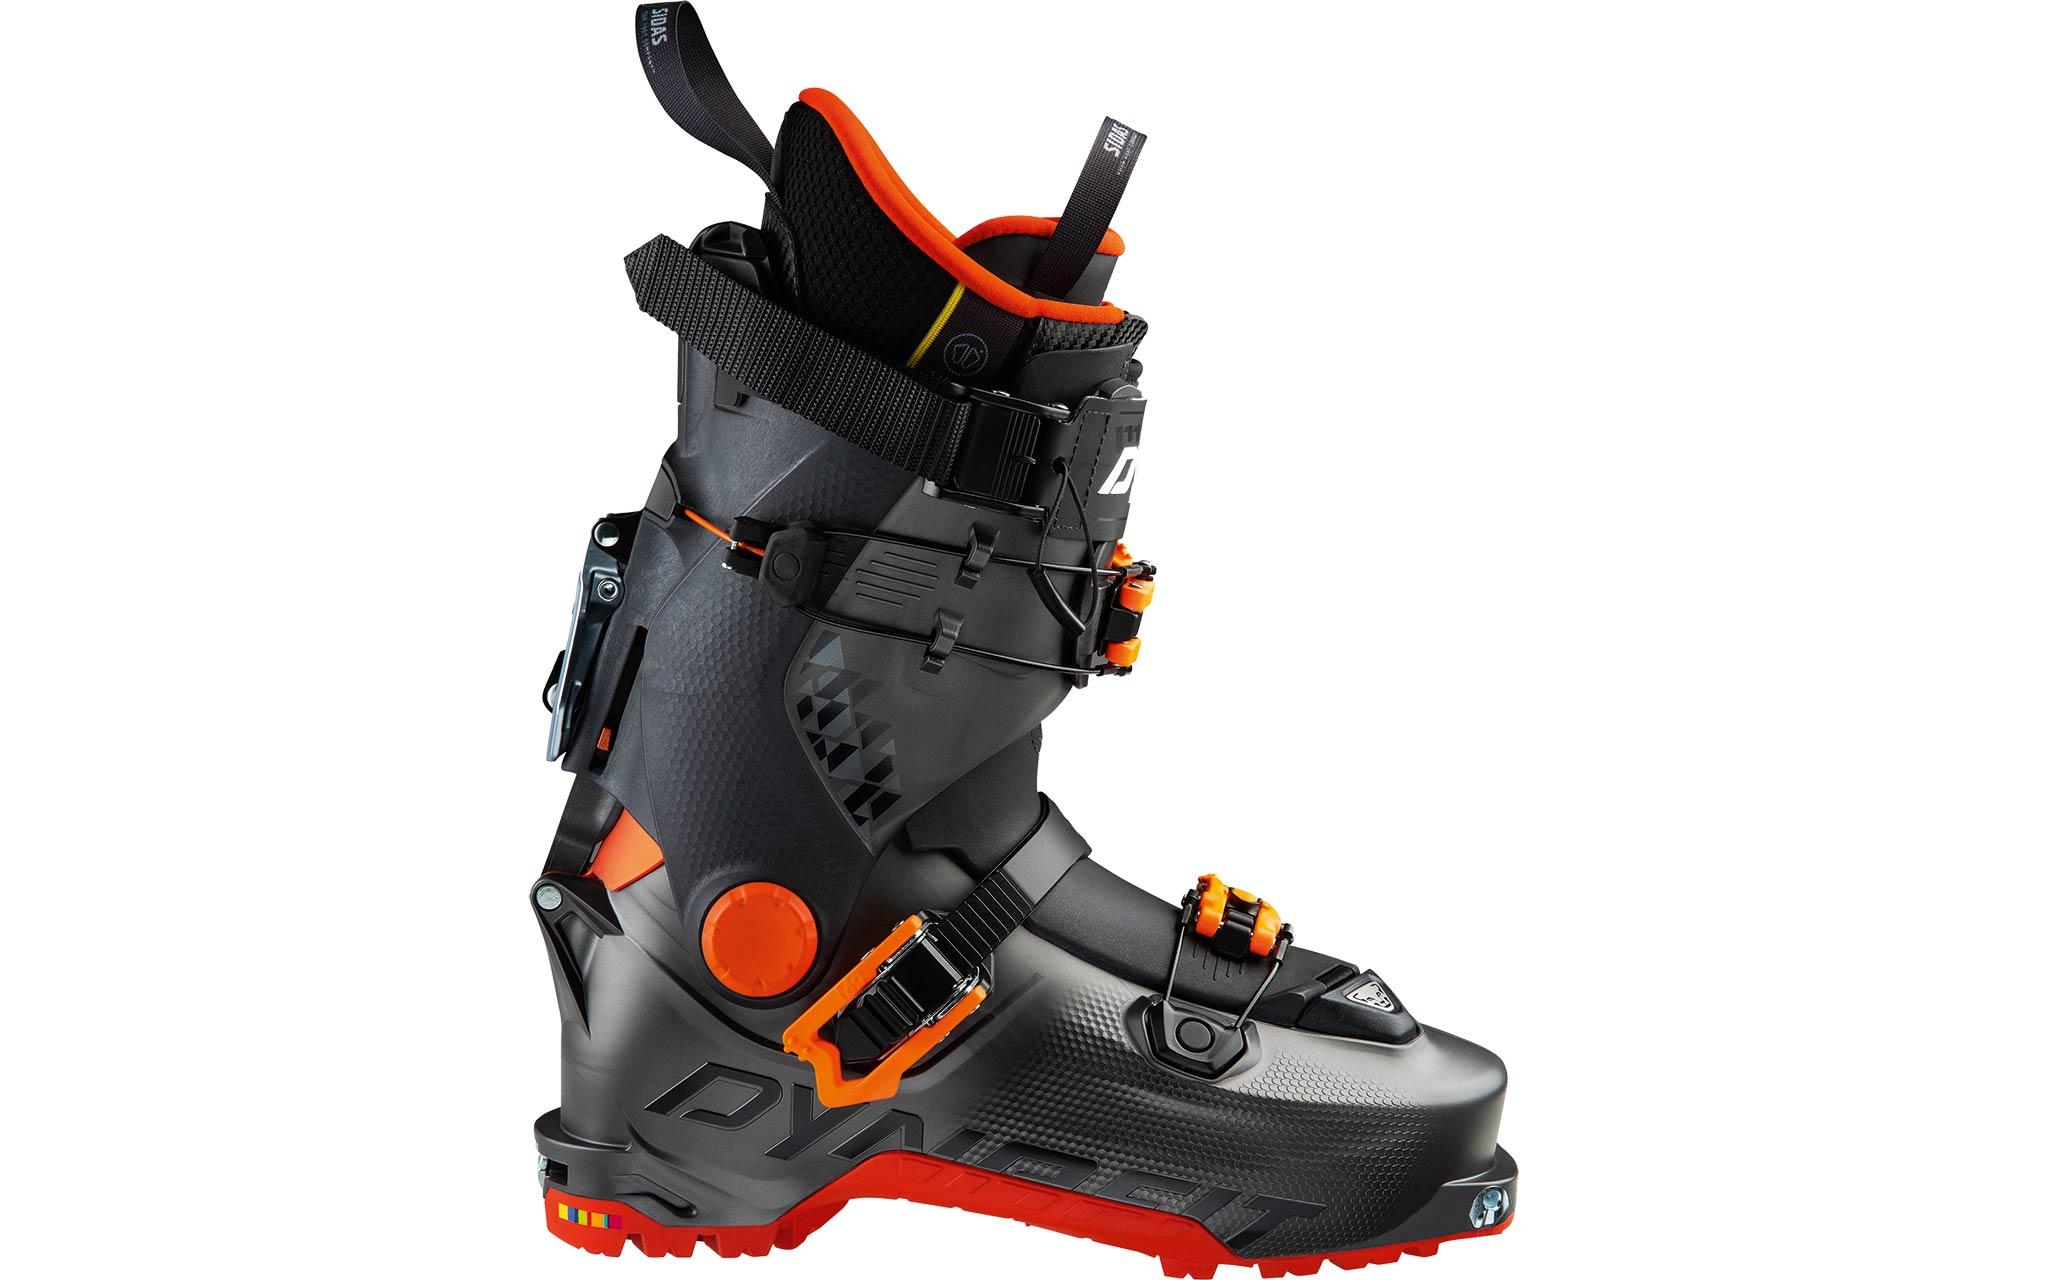 """Dynafit Hoji Free: Im Abfahrtsmodus kann der """"Hoji Free"""" mit einem Neigungswinkel von 11 Grad oder 17 Grad blockiert werden und bietet somit eine angenehme, aber gleichzeitig sportliche und kontrollierte Position auf dem Ski – sei es beim Pressen, Carven oder Slashen."""